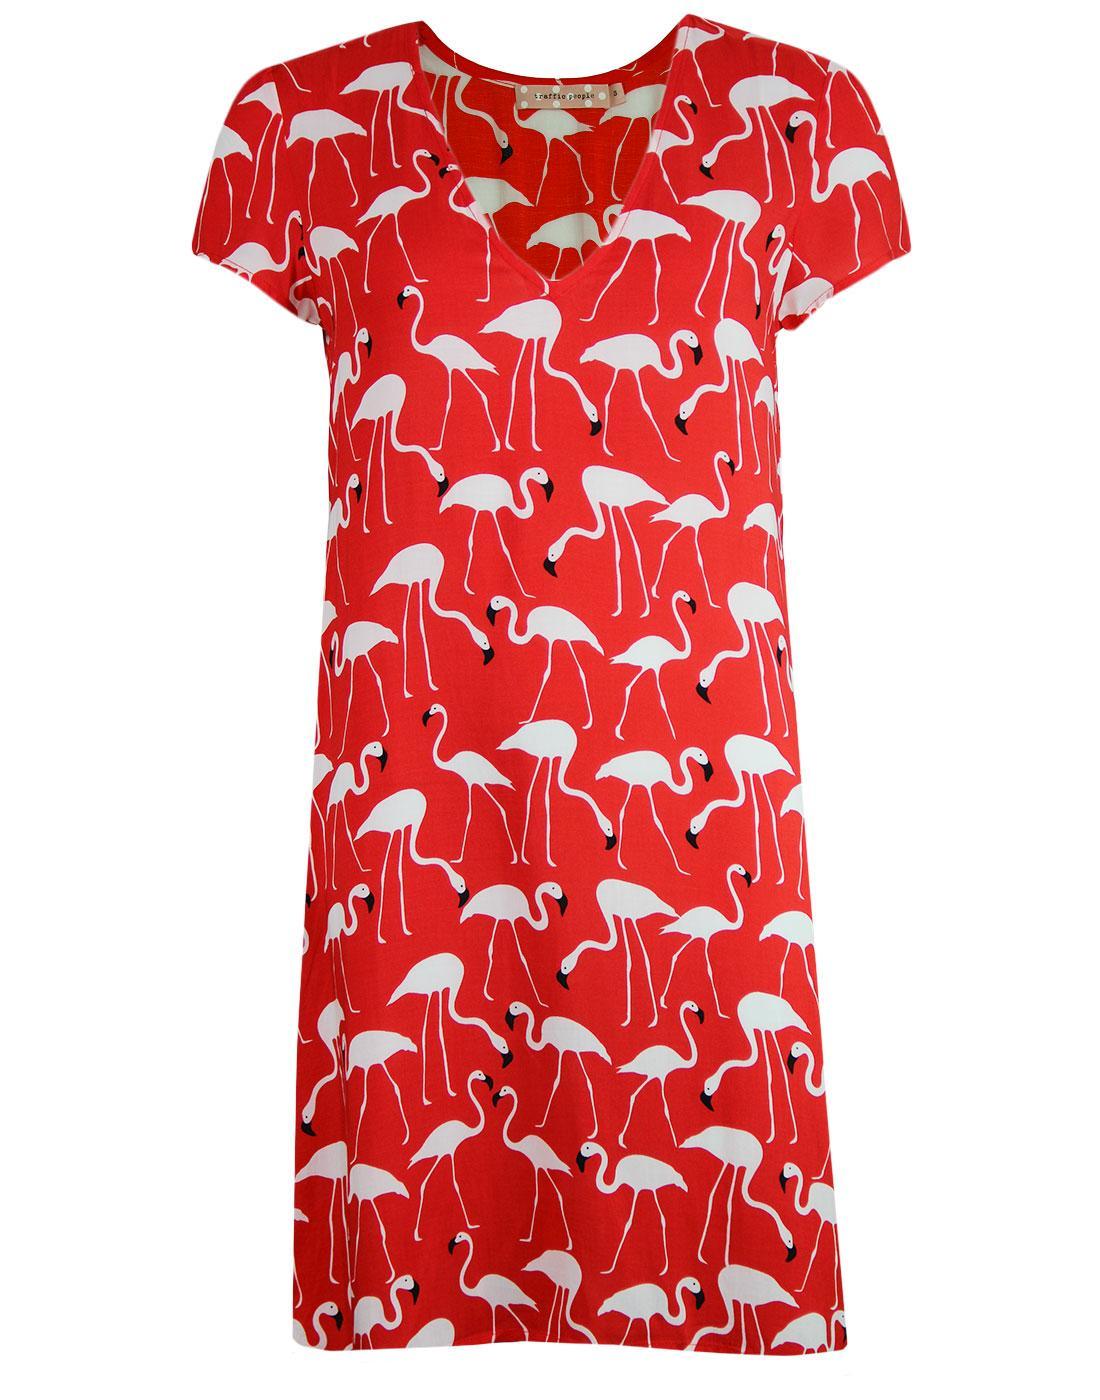 Josie TRAFFIC PEOPLE Vintage Flamingo Dress Red